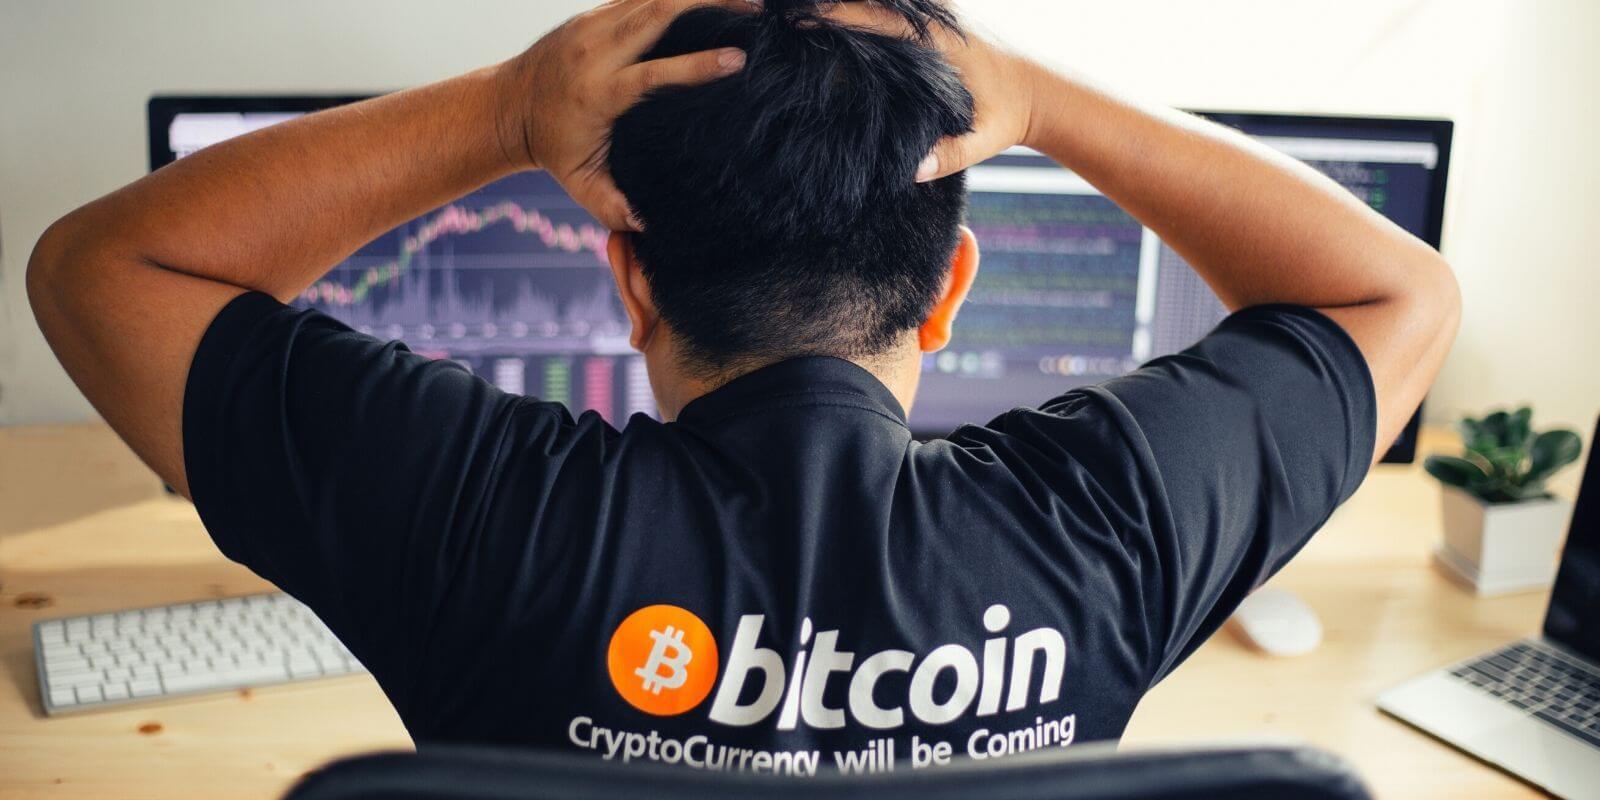 Chute du Bitcoin le 23 octobre 2019 - Flash crash en 4 minutes